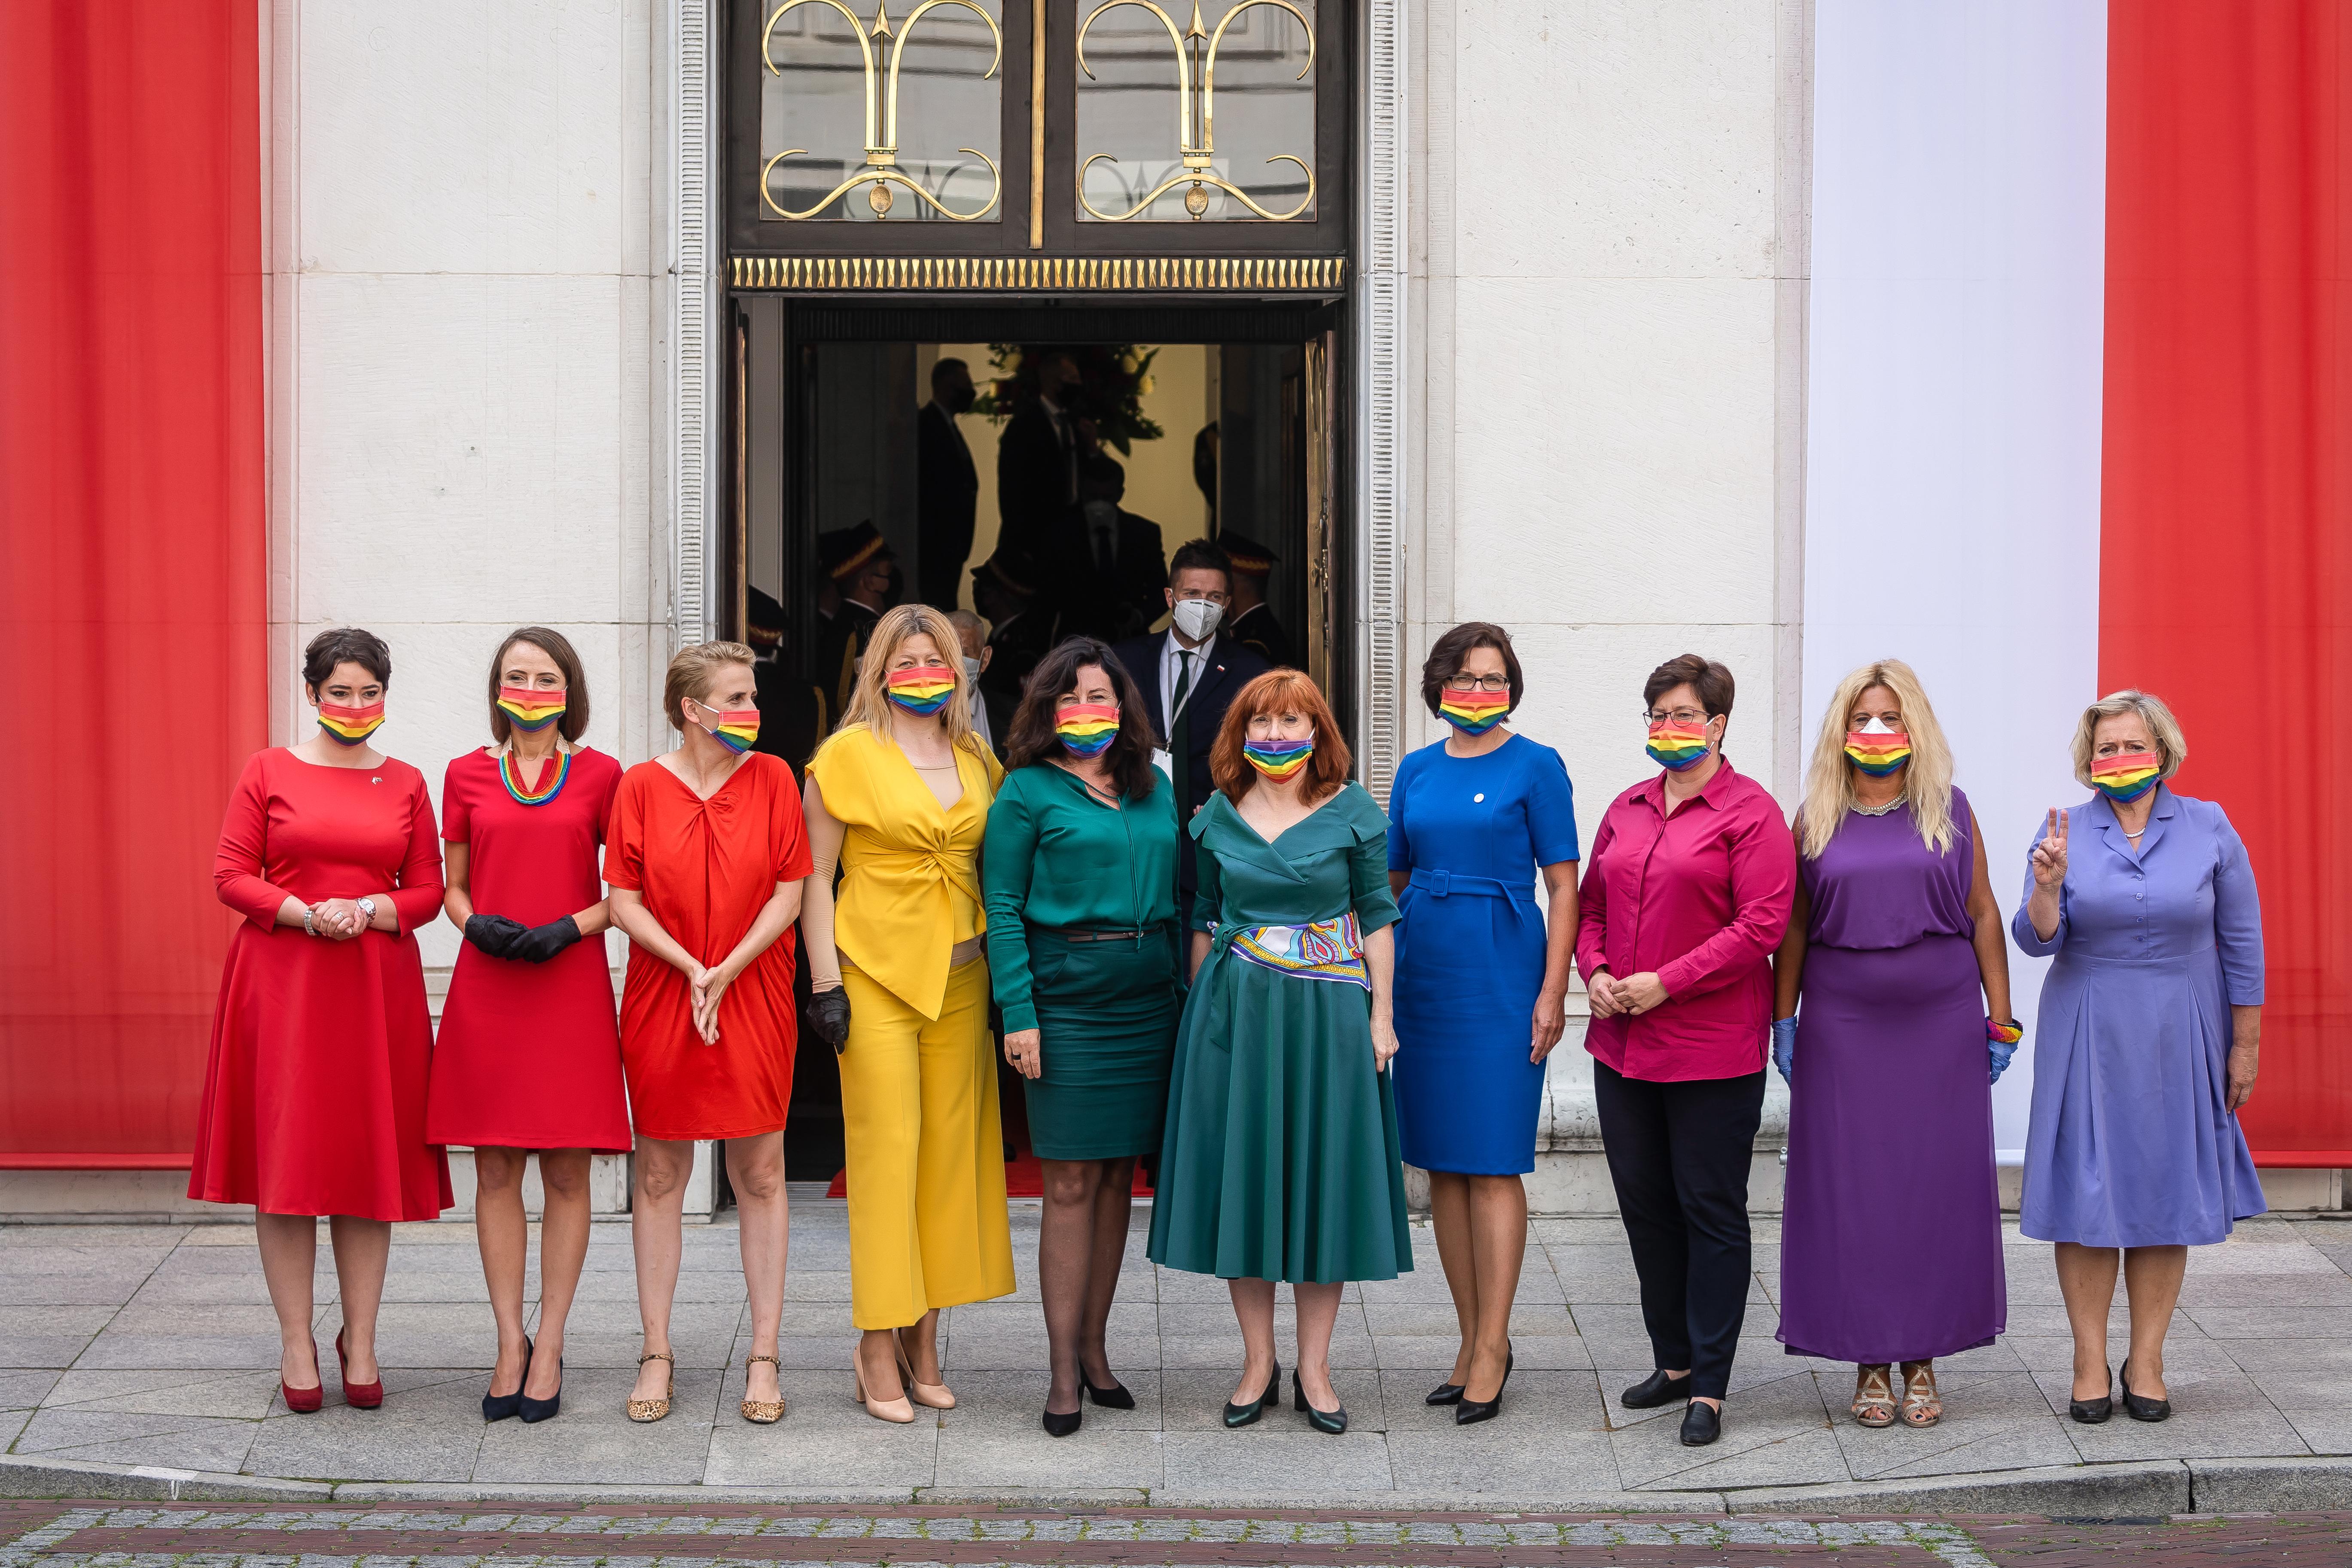 Szivárványnak öltözve titakoztak ellenzéki képviselőnők a homofób lengyel elnök ellen Andrzej Duda beiktatásán